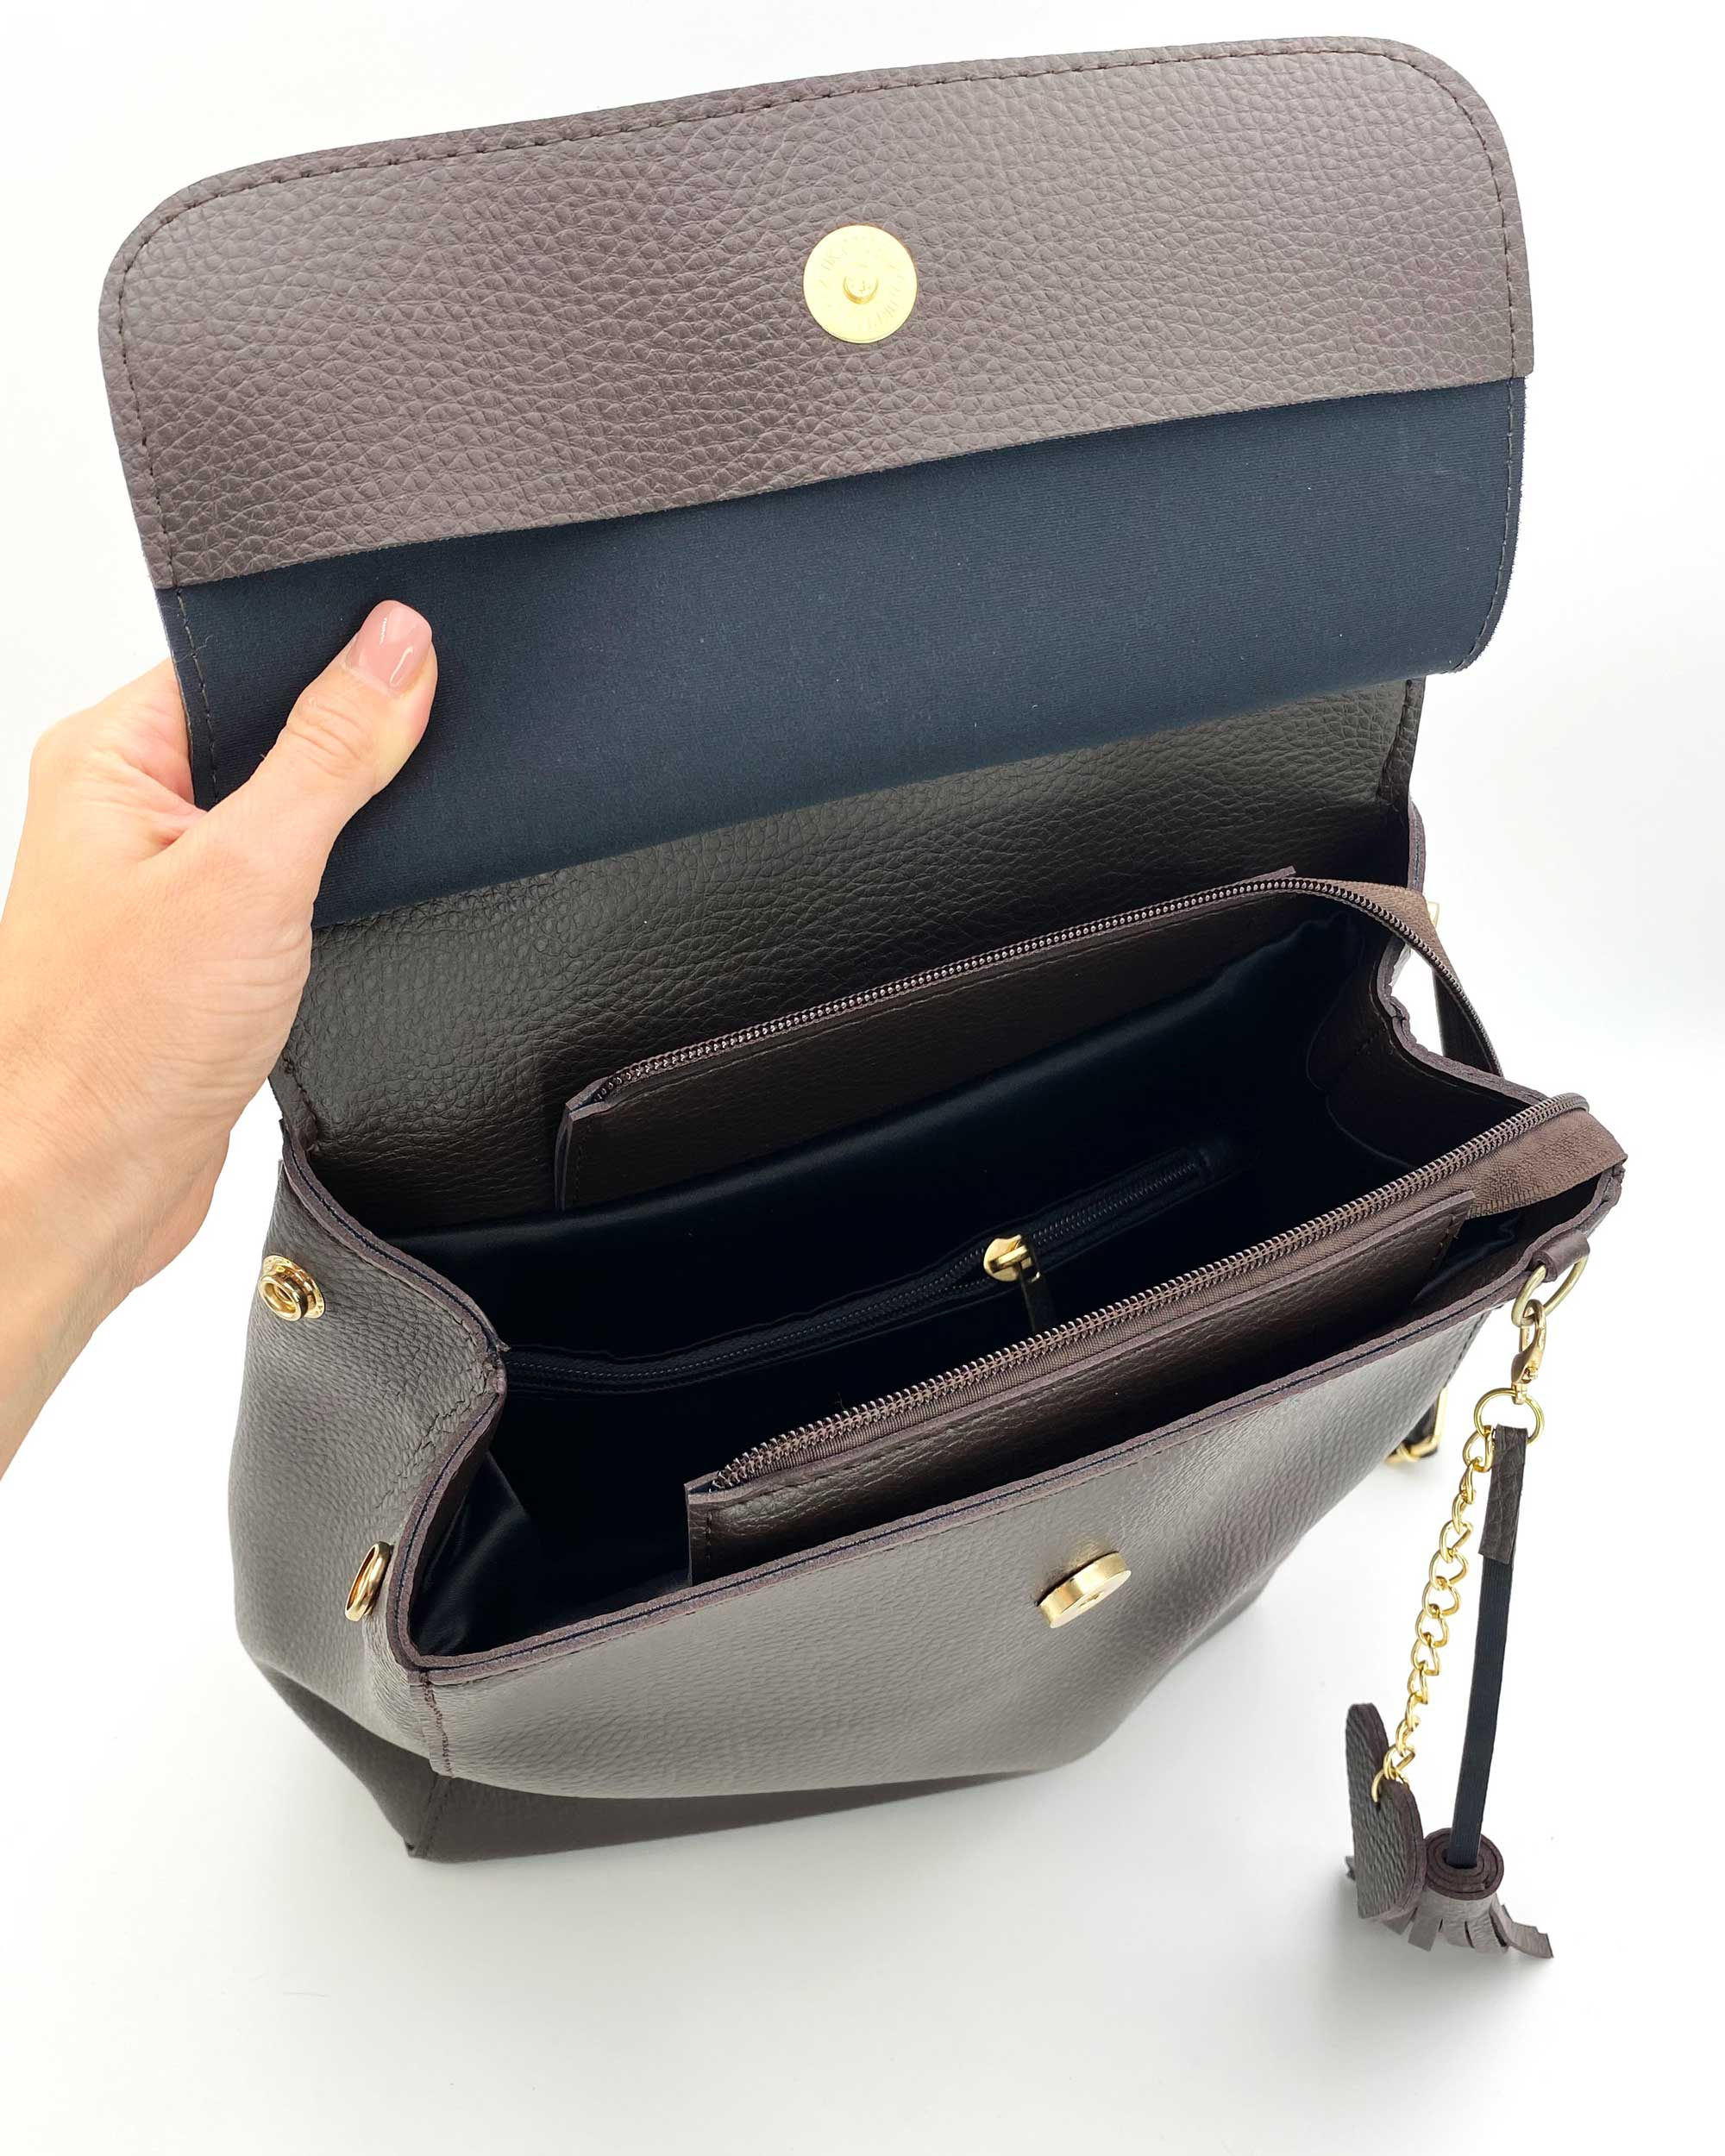 5d9006ec87b9 Молодежный сумка-рюкзак Сердце шоколадного цвета оптом арт.44605 ...